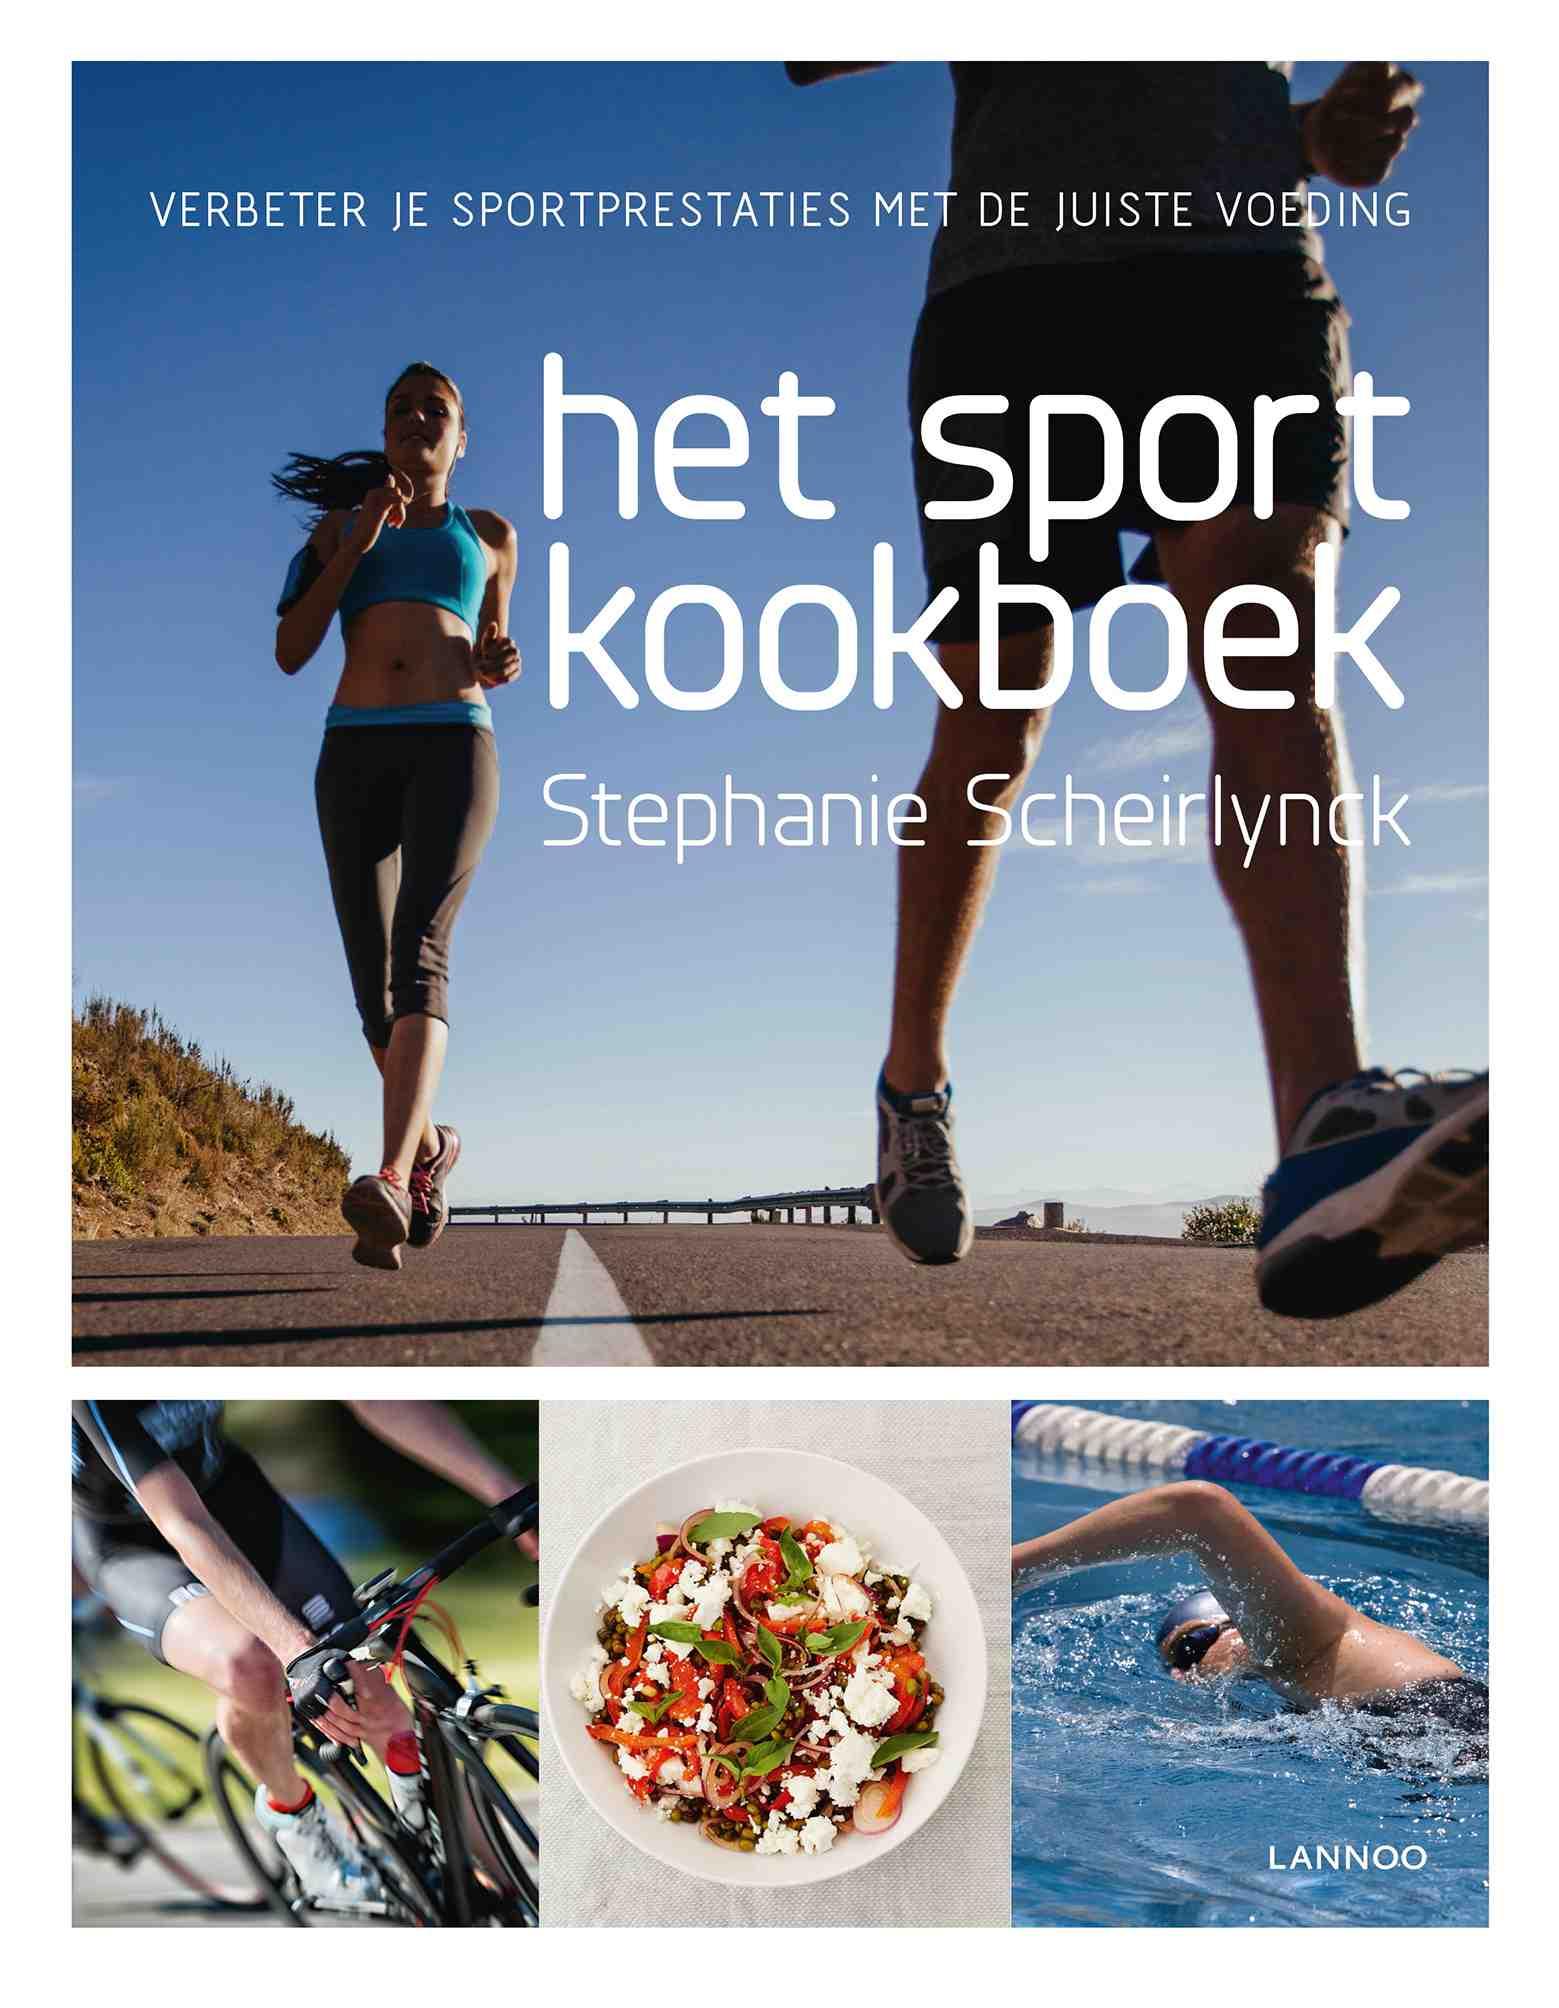 Het sportkookboek (c) Lannoo